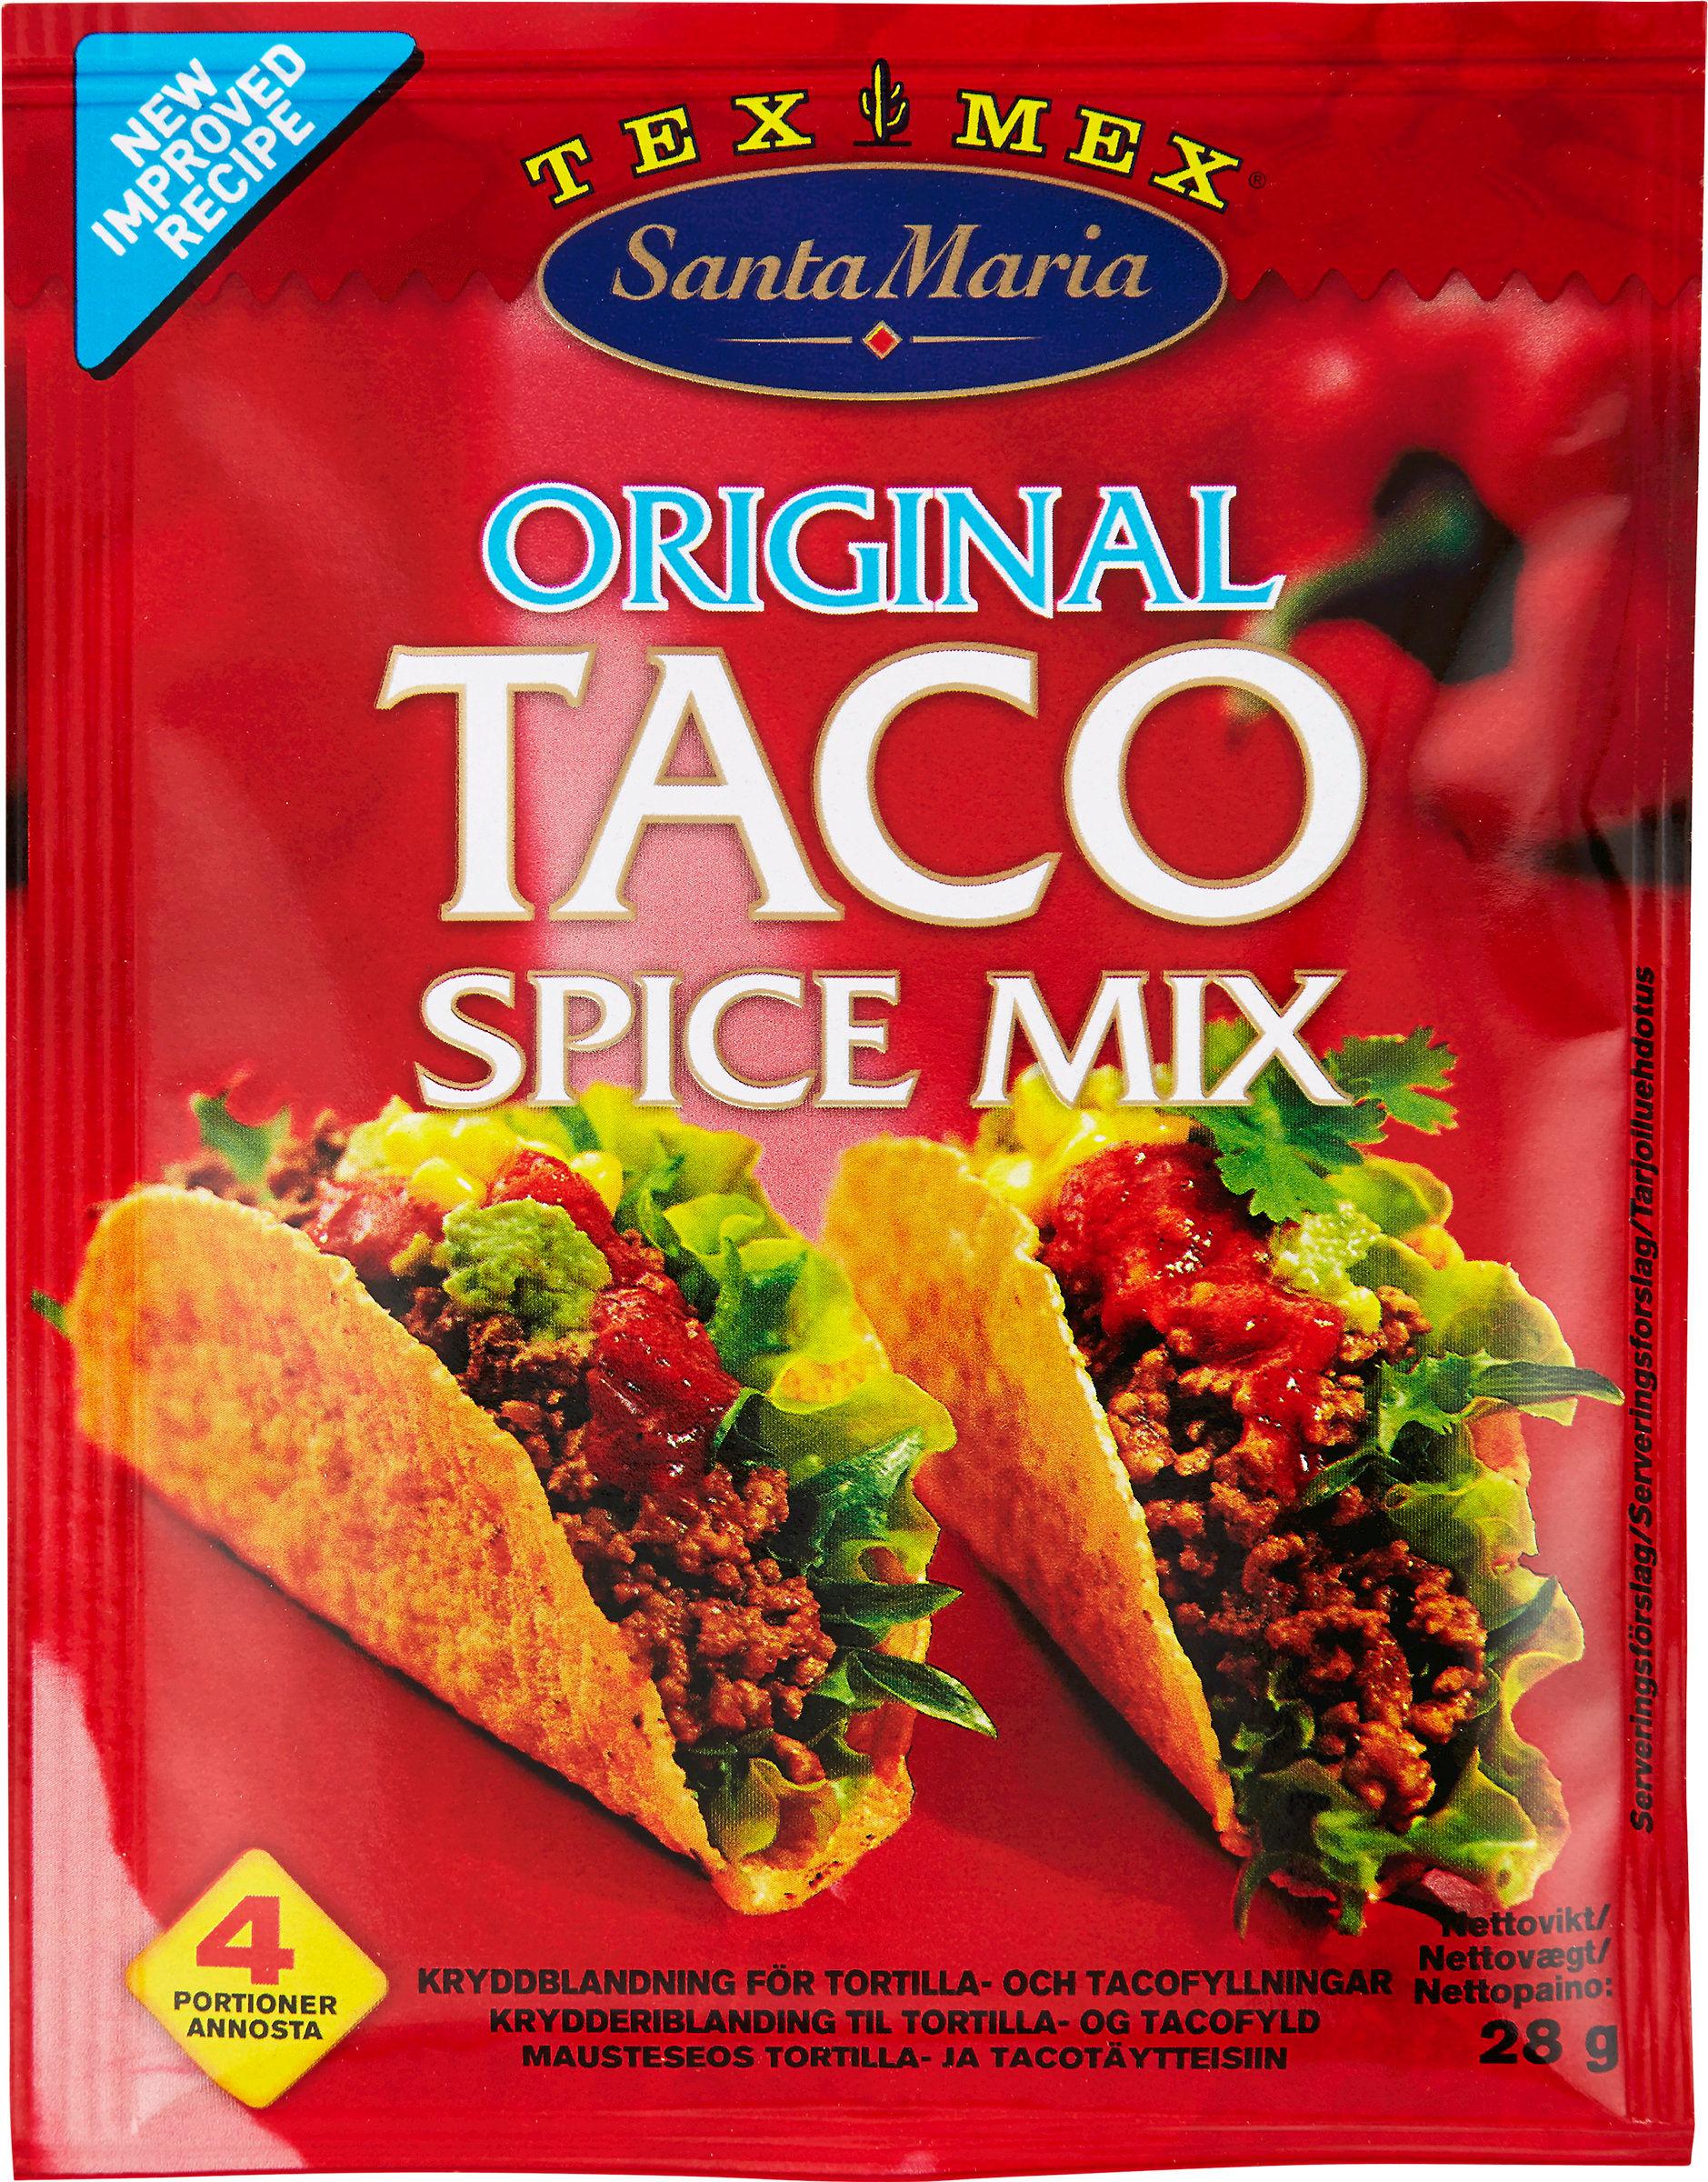 TACO: Kryddermix fra Santa Maria er nå 40% billigere!